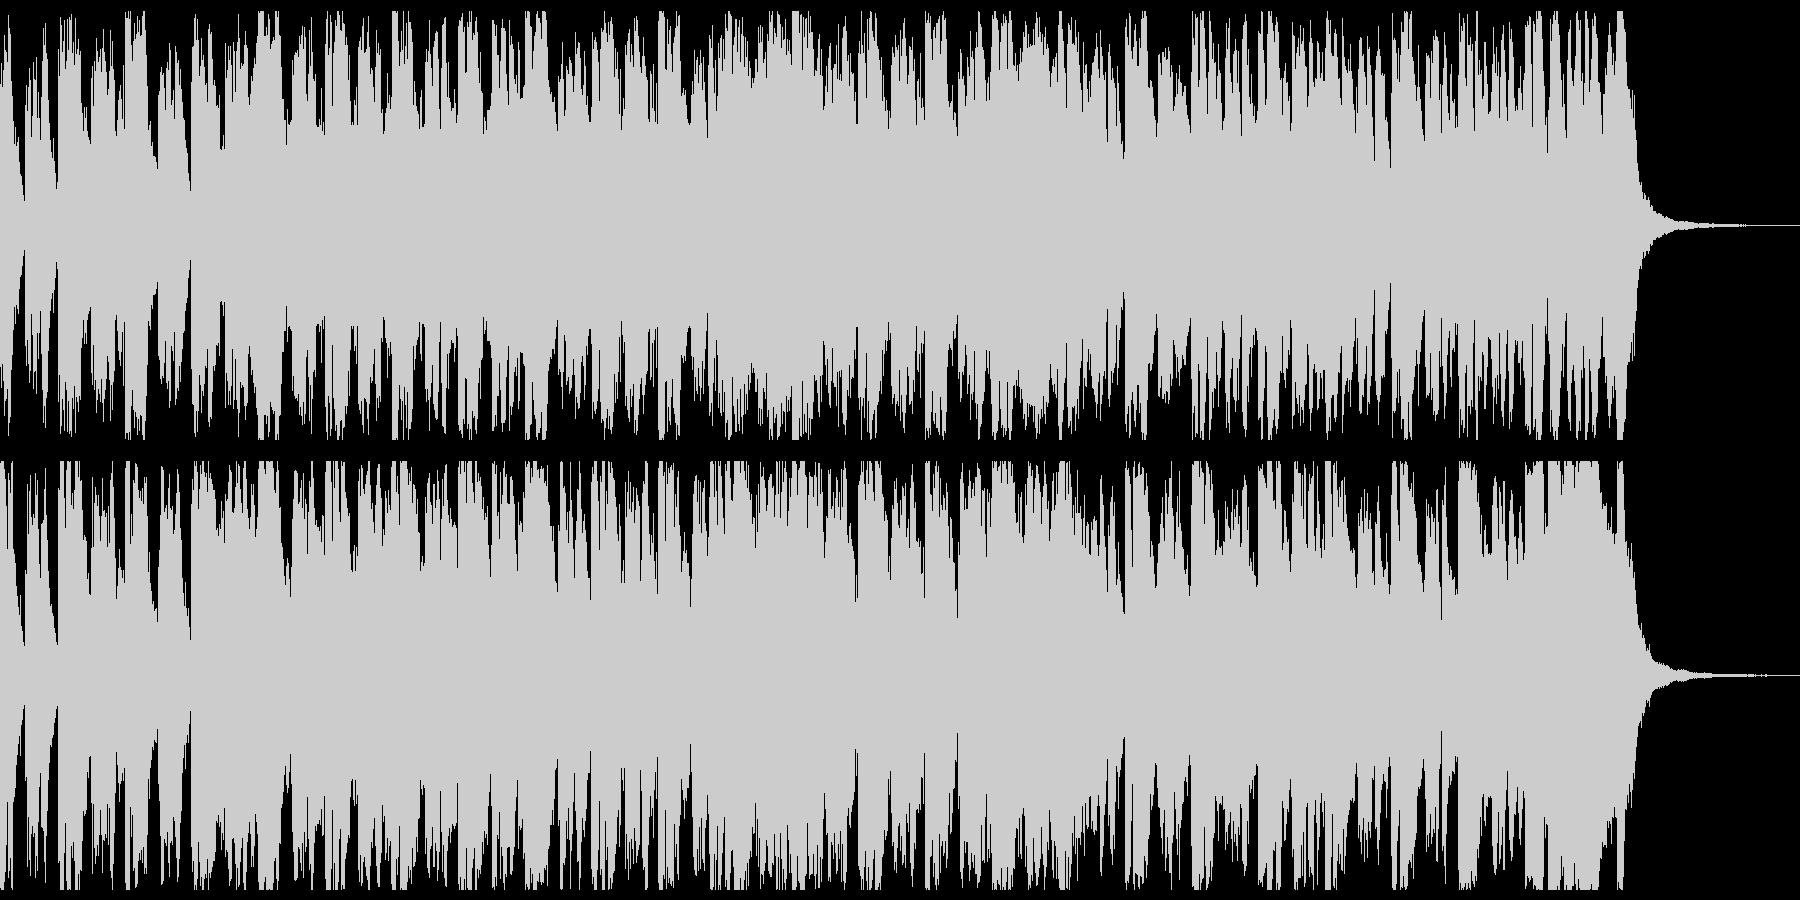 行進曲風オーケストラ 約55秒 メロ抜きの未再生の波形